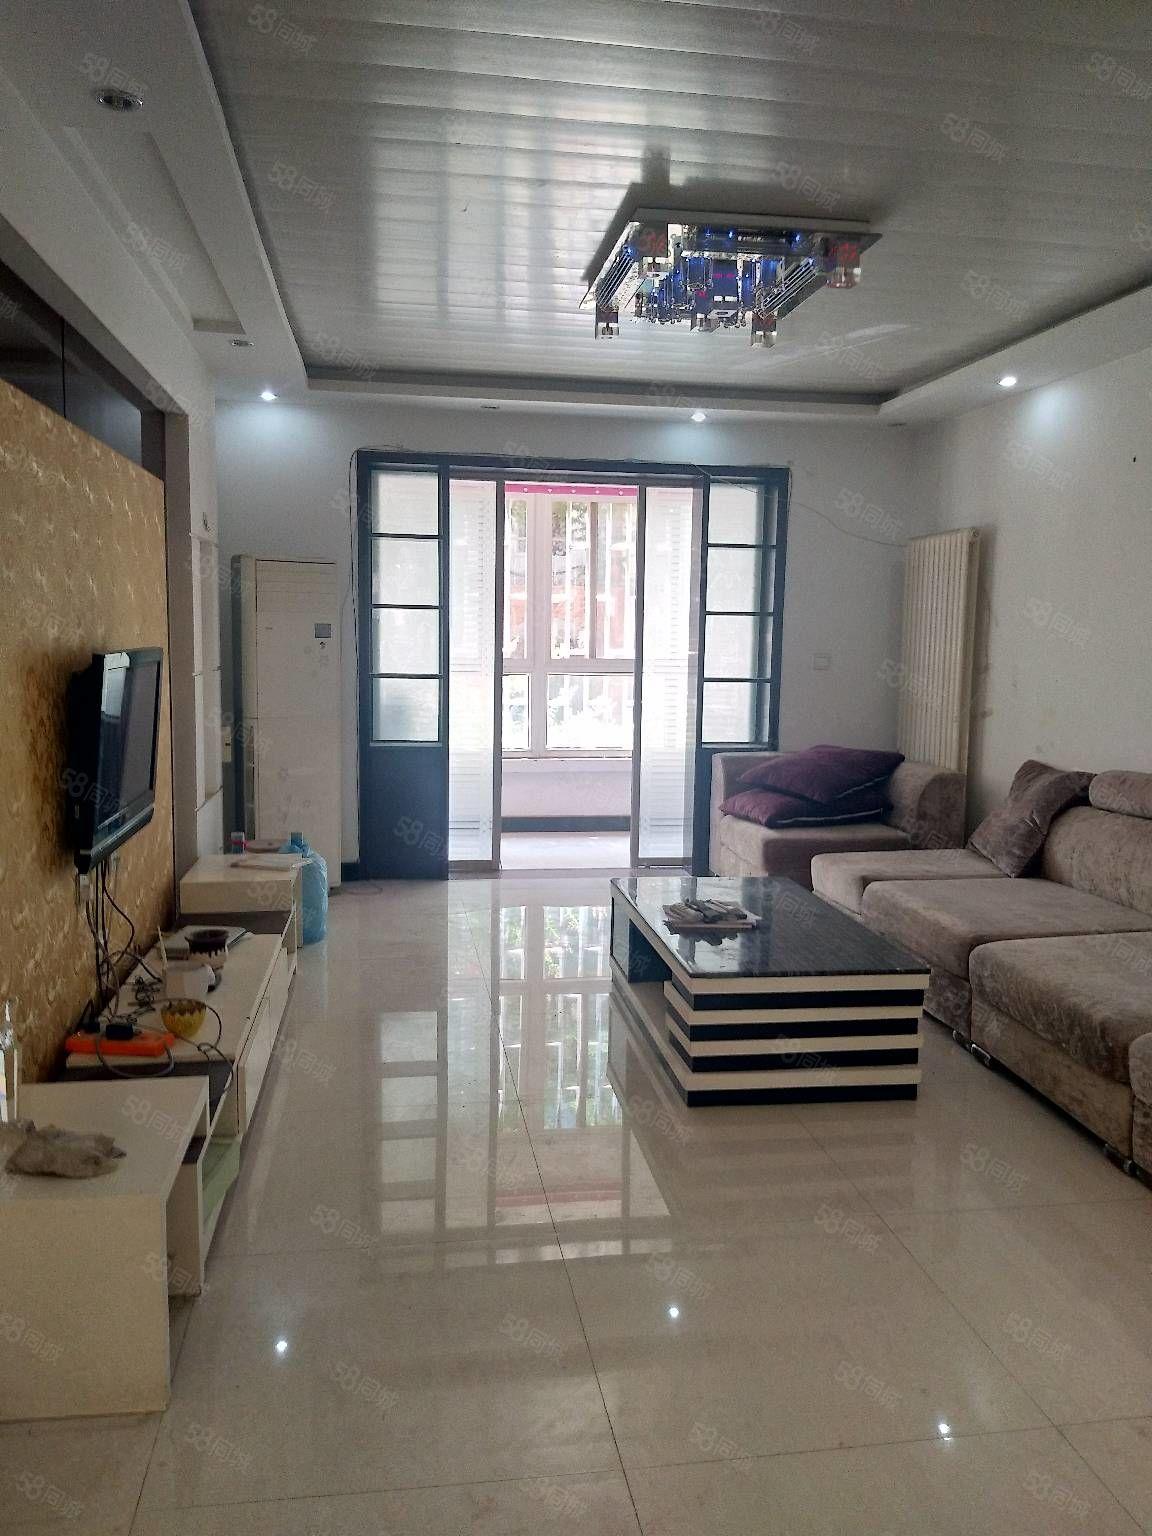 領秀城步梯1樓帶地下室130平三室兩廳兩衛中裝63萬